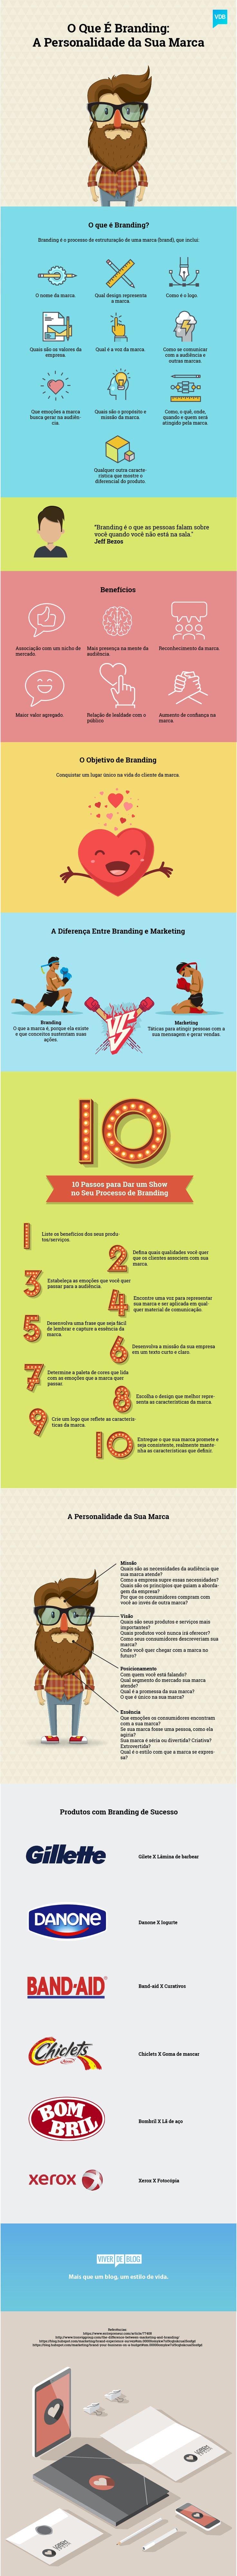 Infografico-O-Que-E-Branding-2